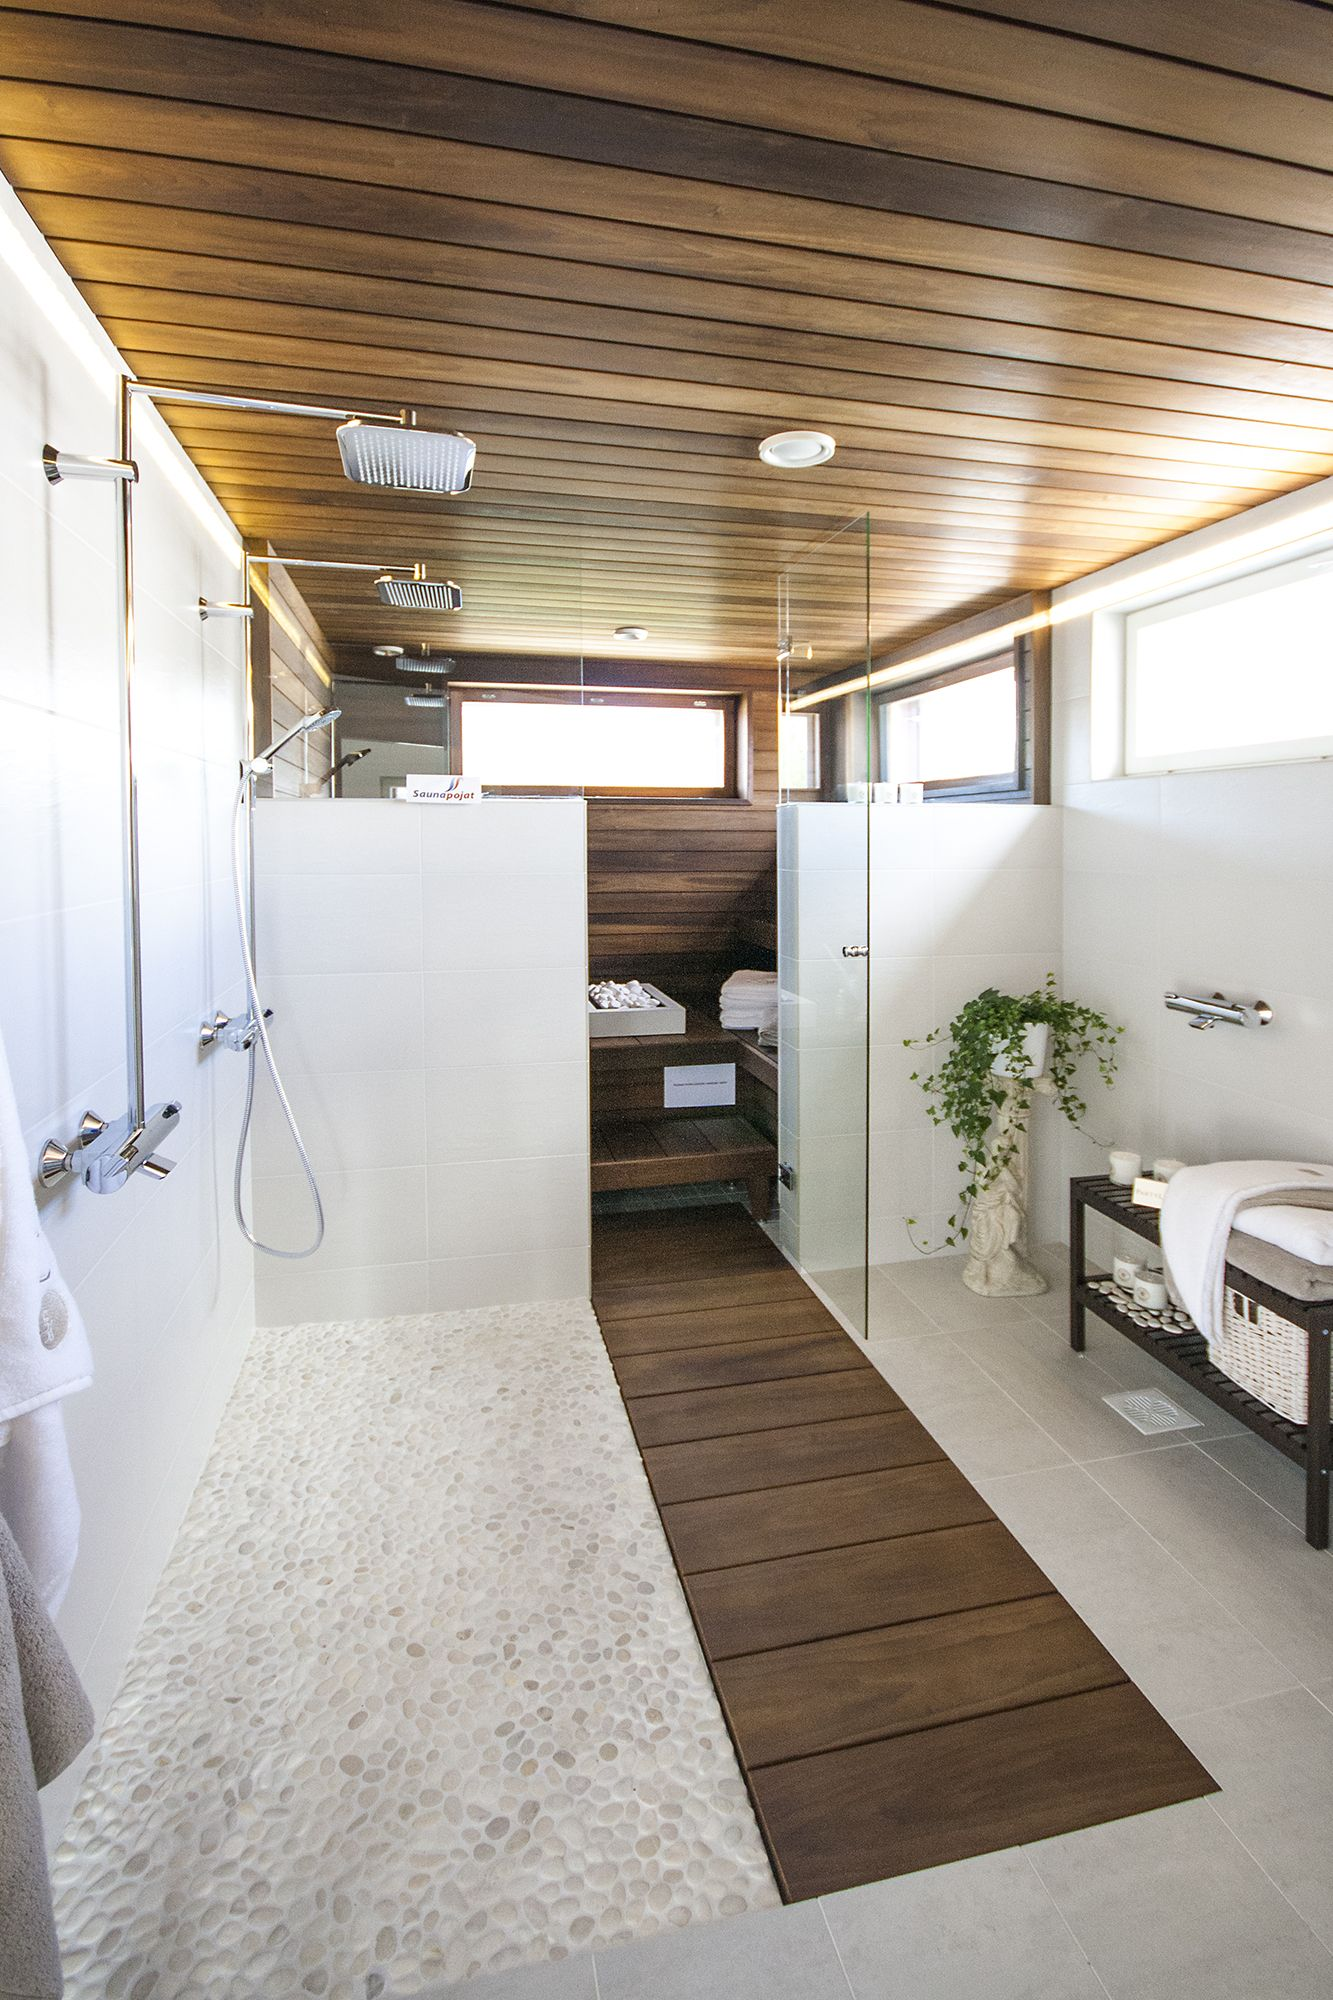 kylpyhuone, sauna